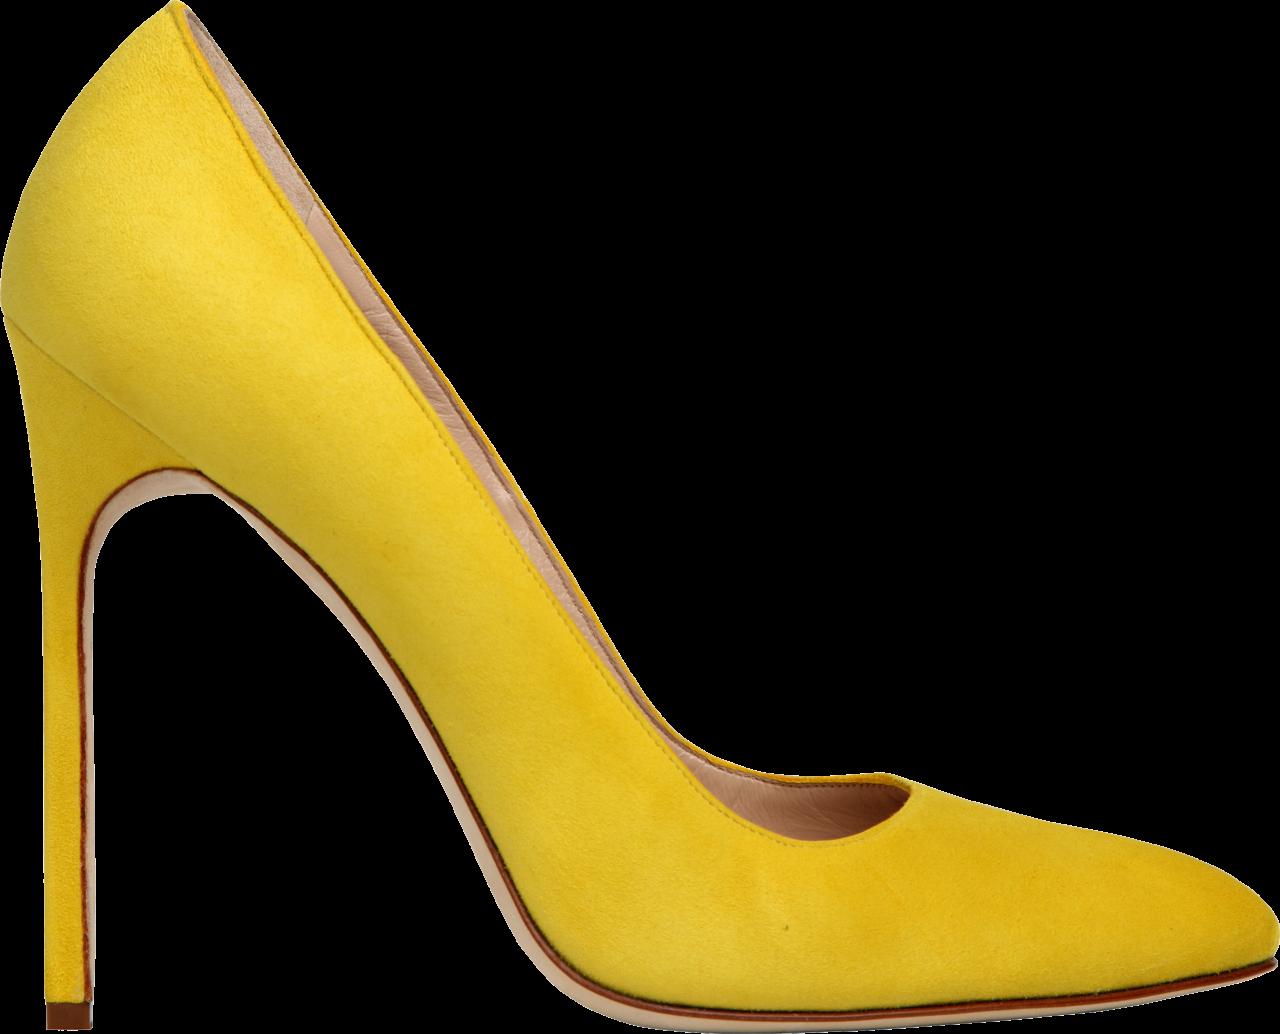 Yellow Women Shoe PNG Image